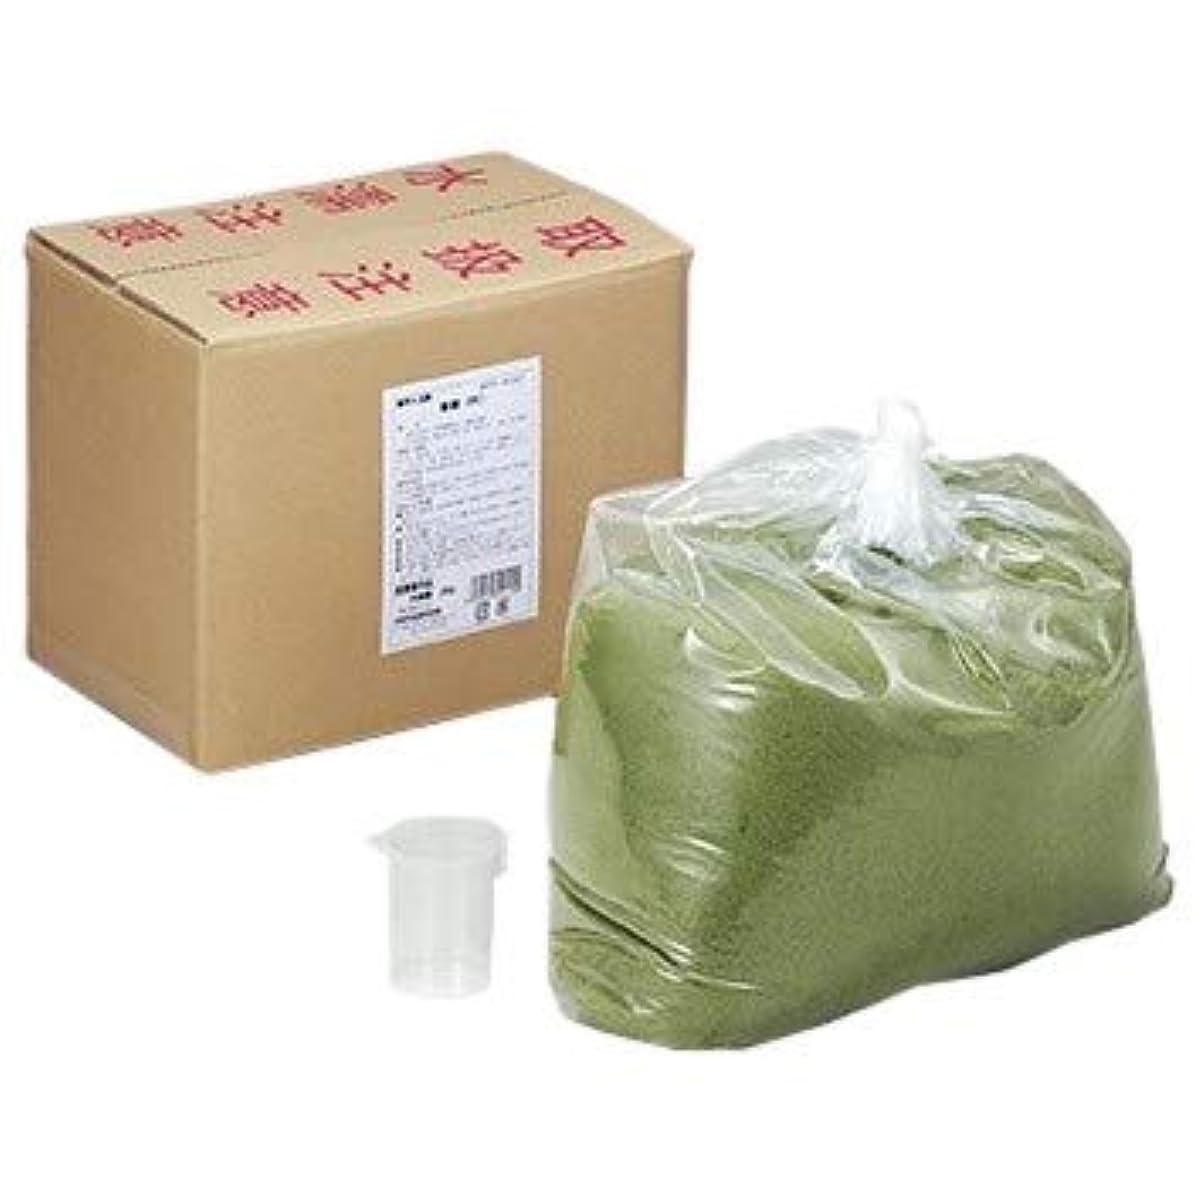 新緑 業務用 20kg 入浴剤 医薬部外品